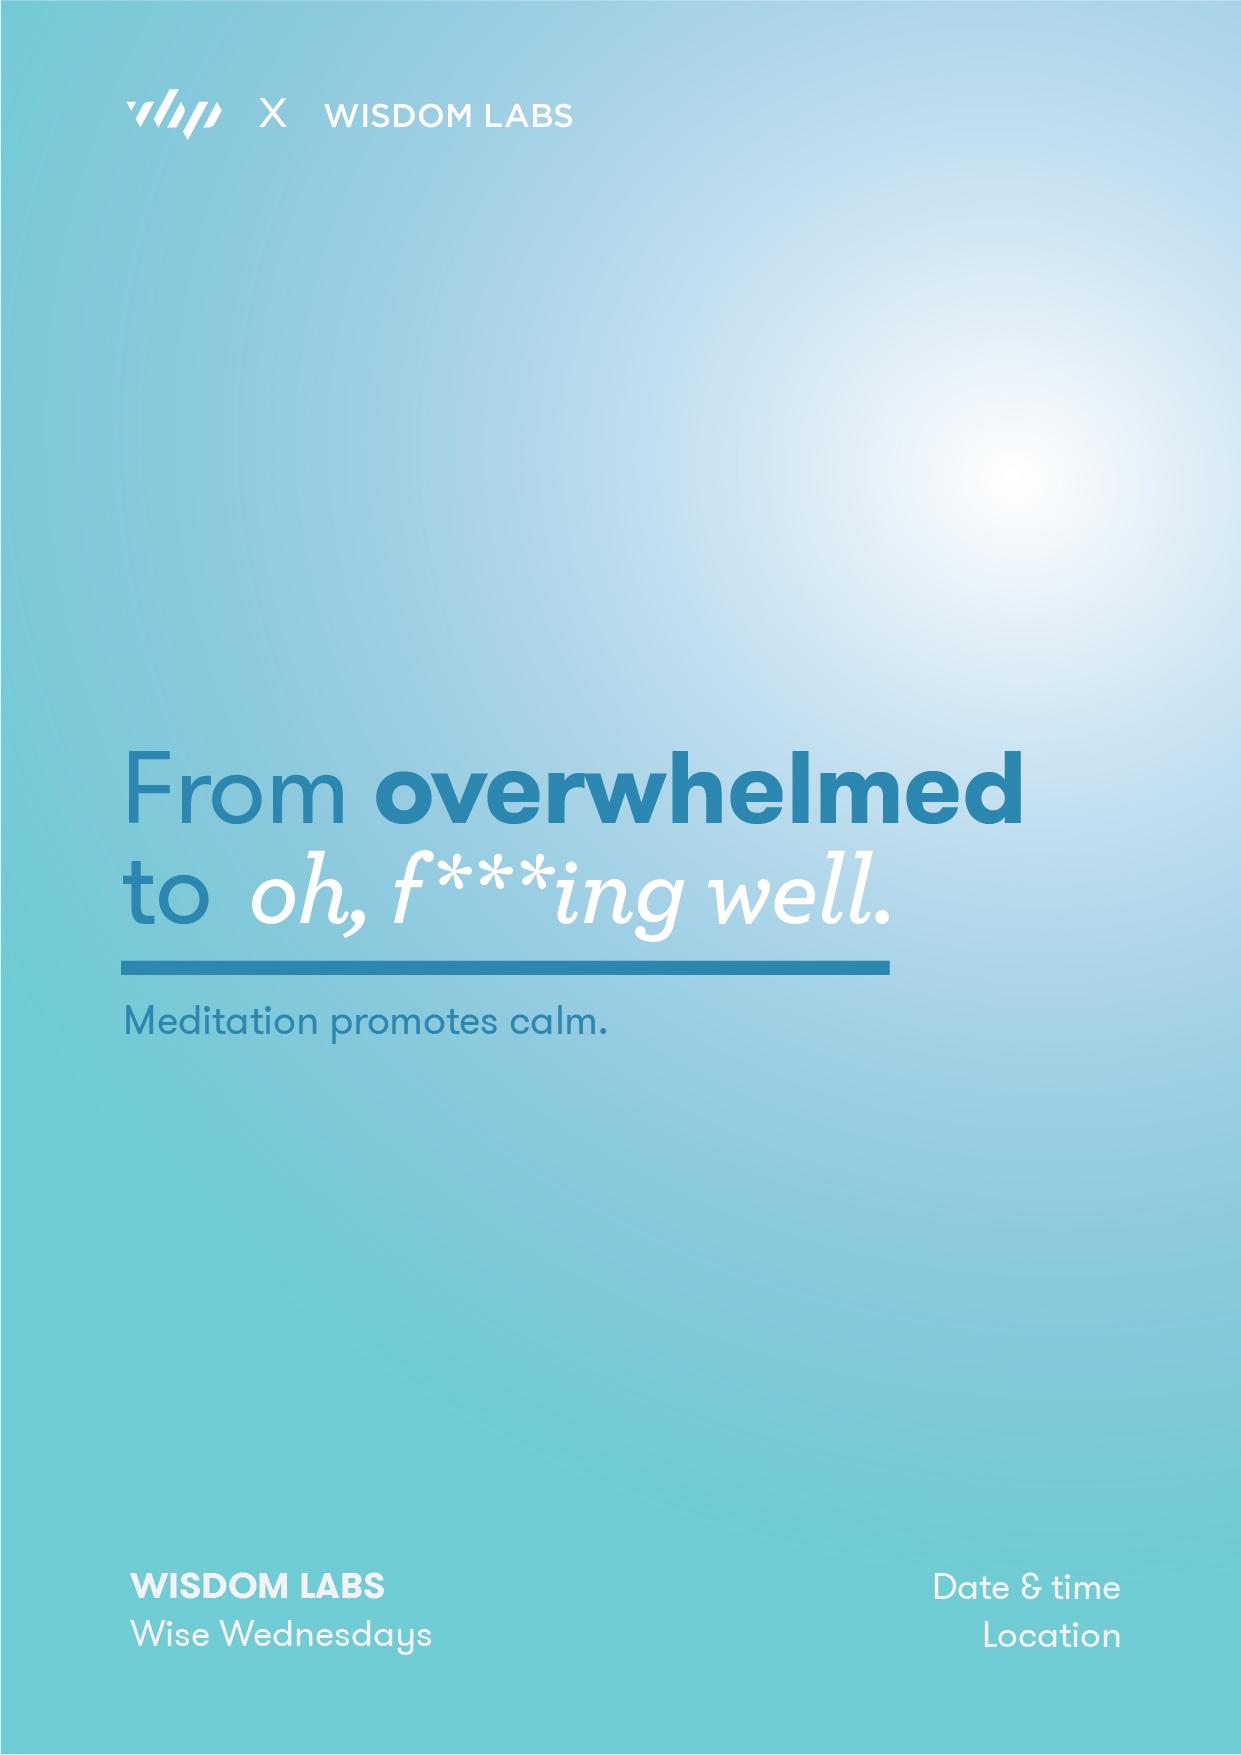 Meditation-02.jpg